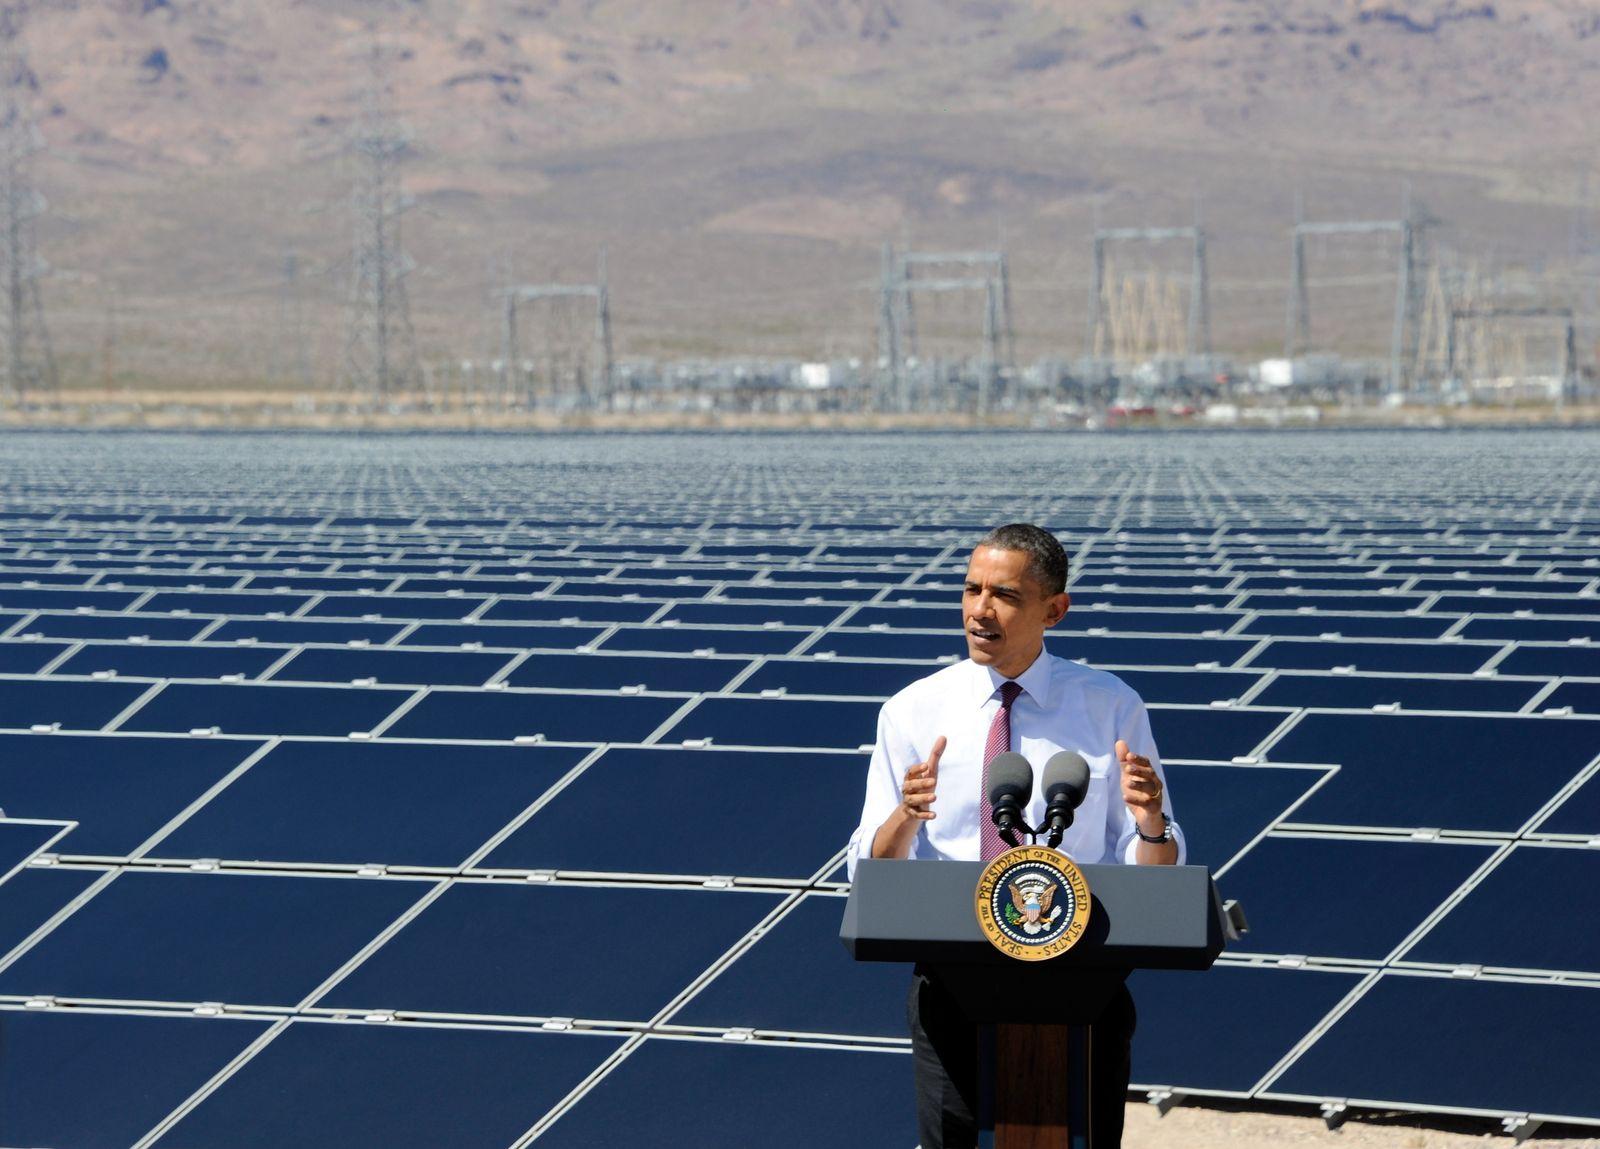 Obama / Energie / Energiepolitik / Solar-Energie